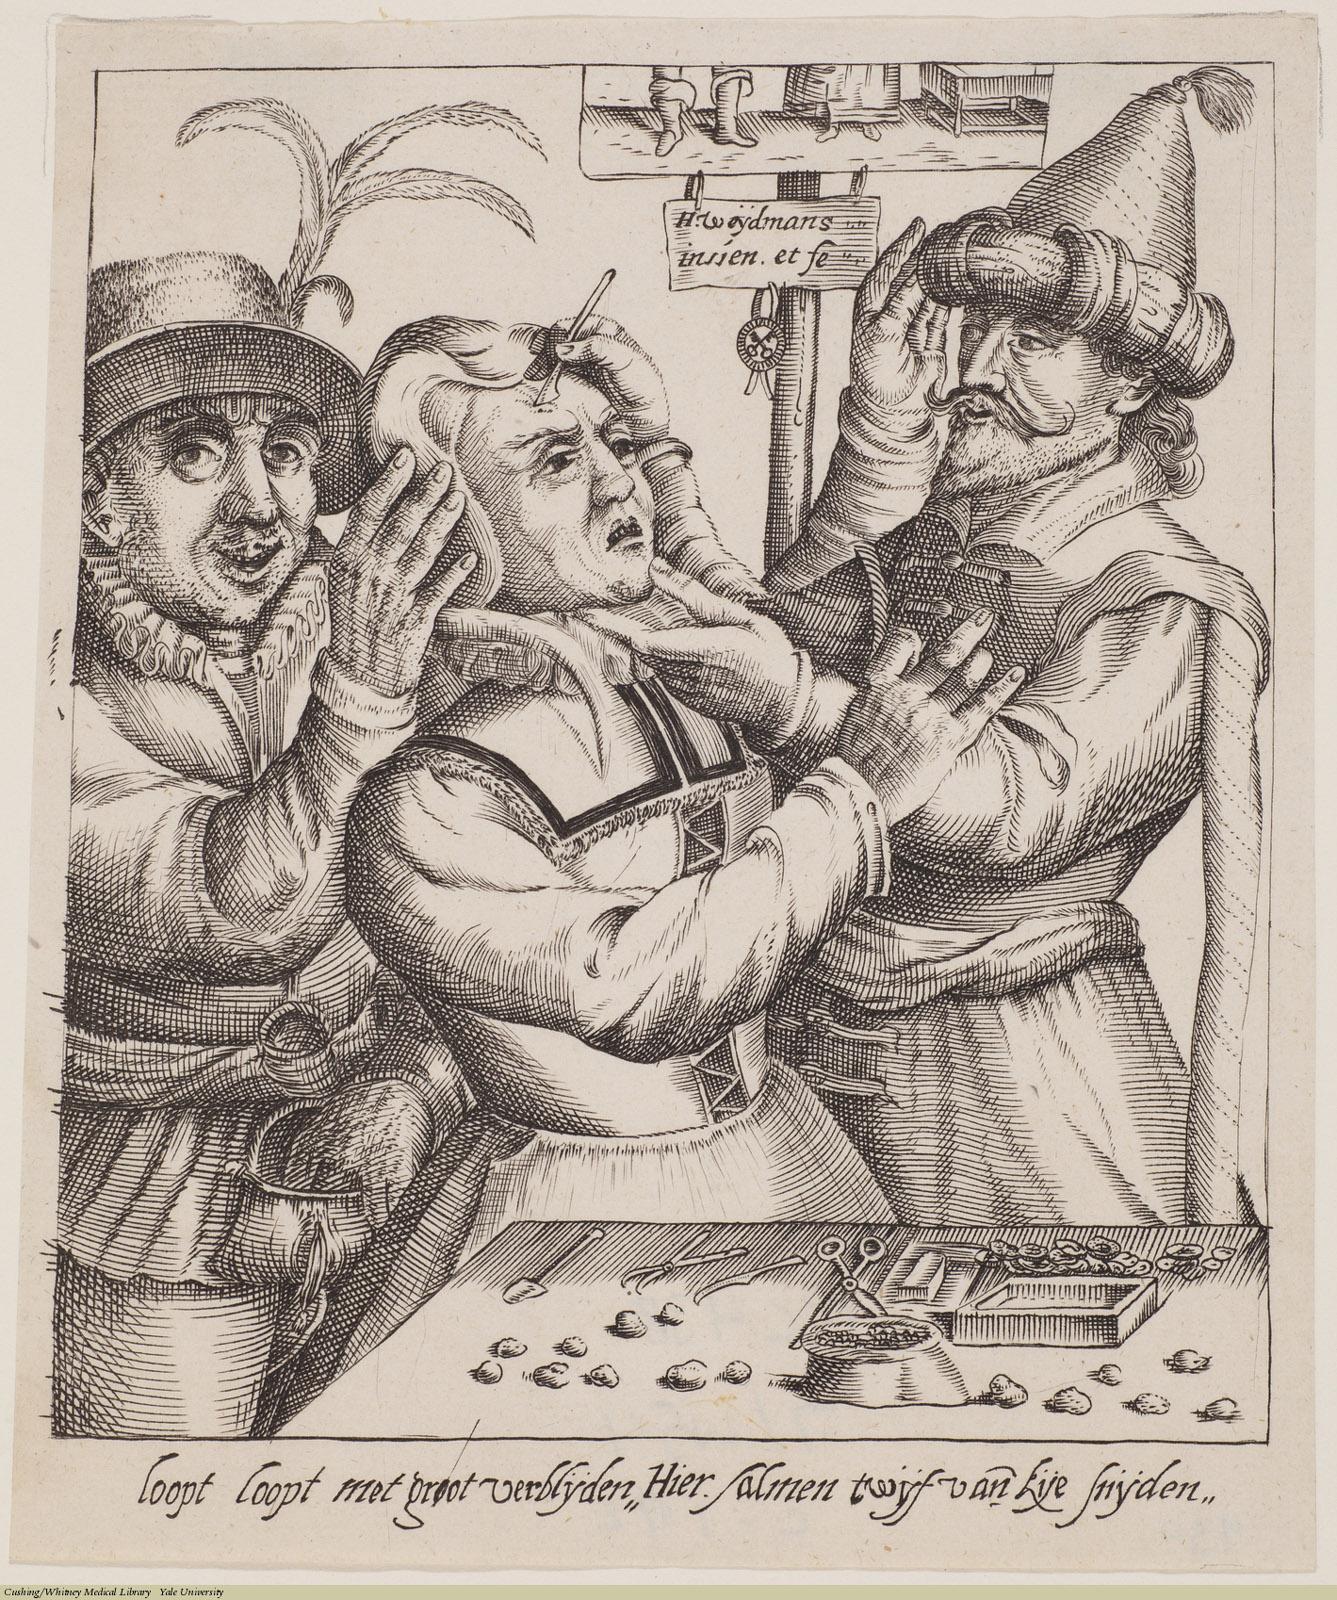 Loopt loopt met groot... [Operation for Stones in the Head], Laid, Claes (Nicolas) Jansz Weydtmans.